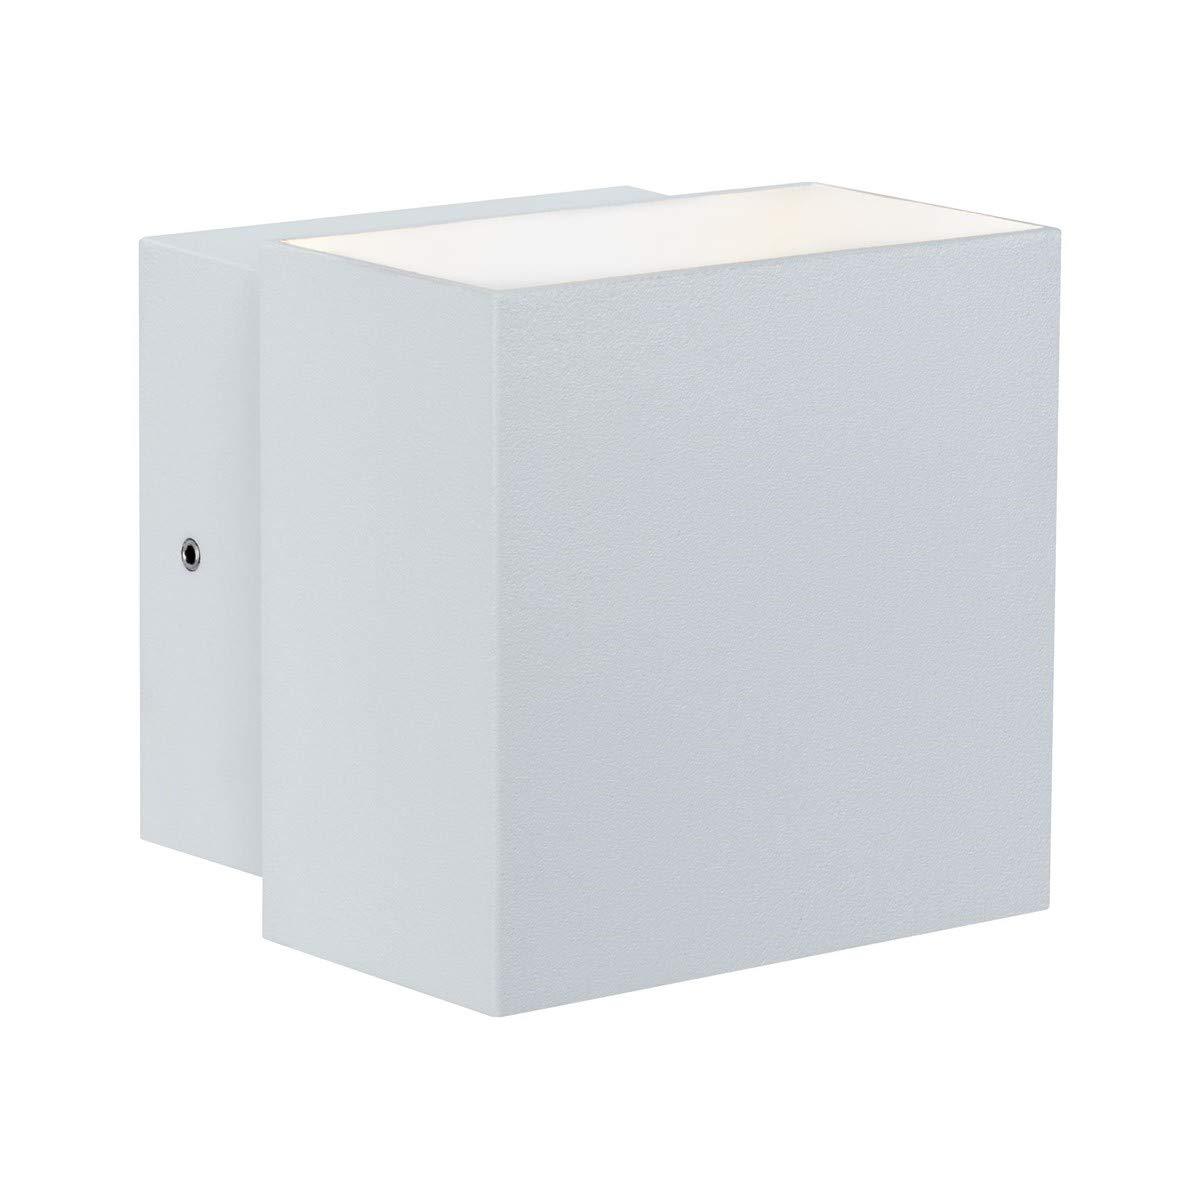 Paulmann 18003 Wandaufbauleuchte Hauswand LED Orientierungslicht Cybo eckig Lampe 2x3W weiß 100x100 mm Außen IP65 strahlwassergeschützt Lichtakzente UNKWN 180.03